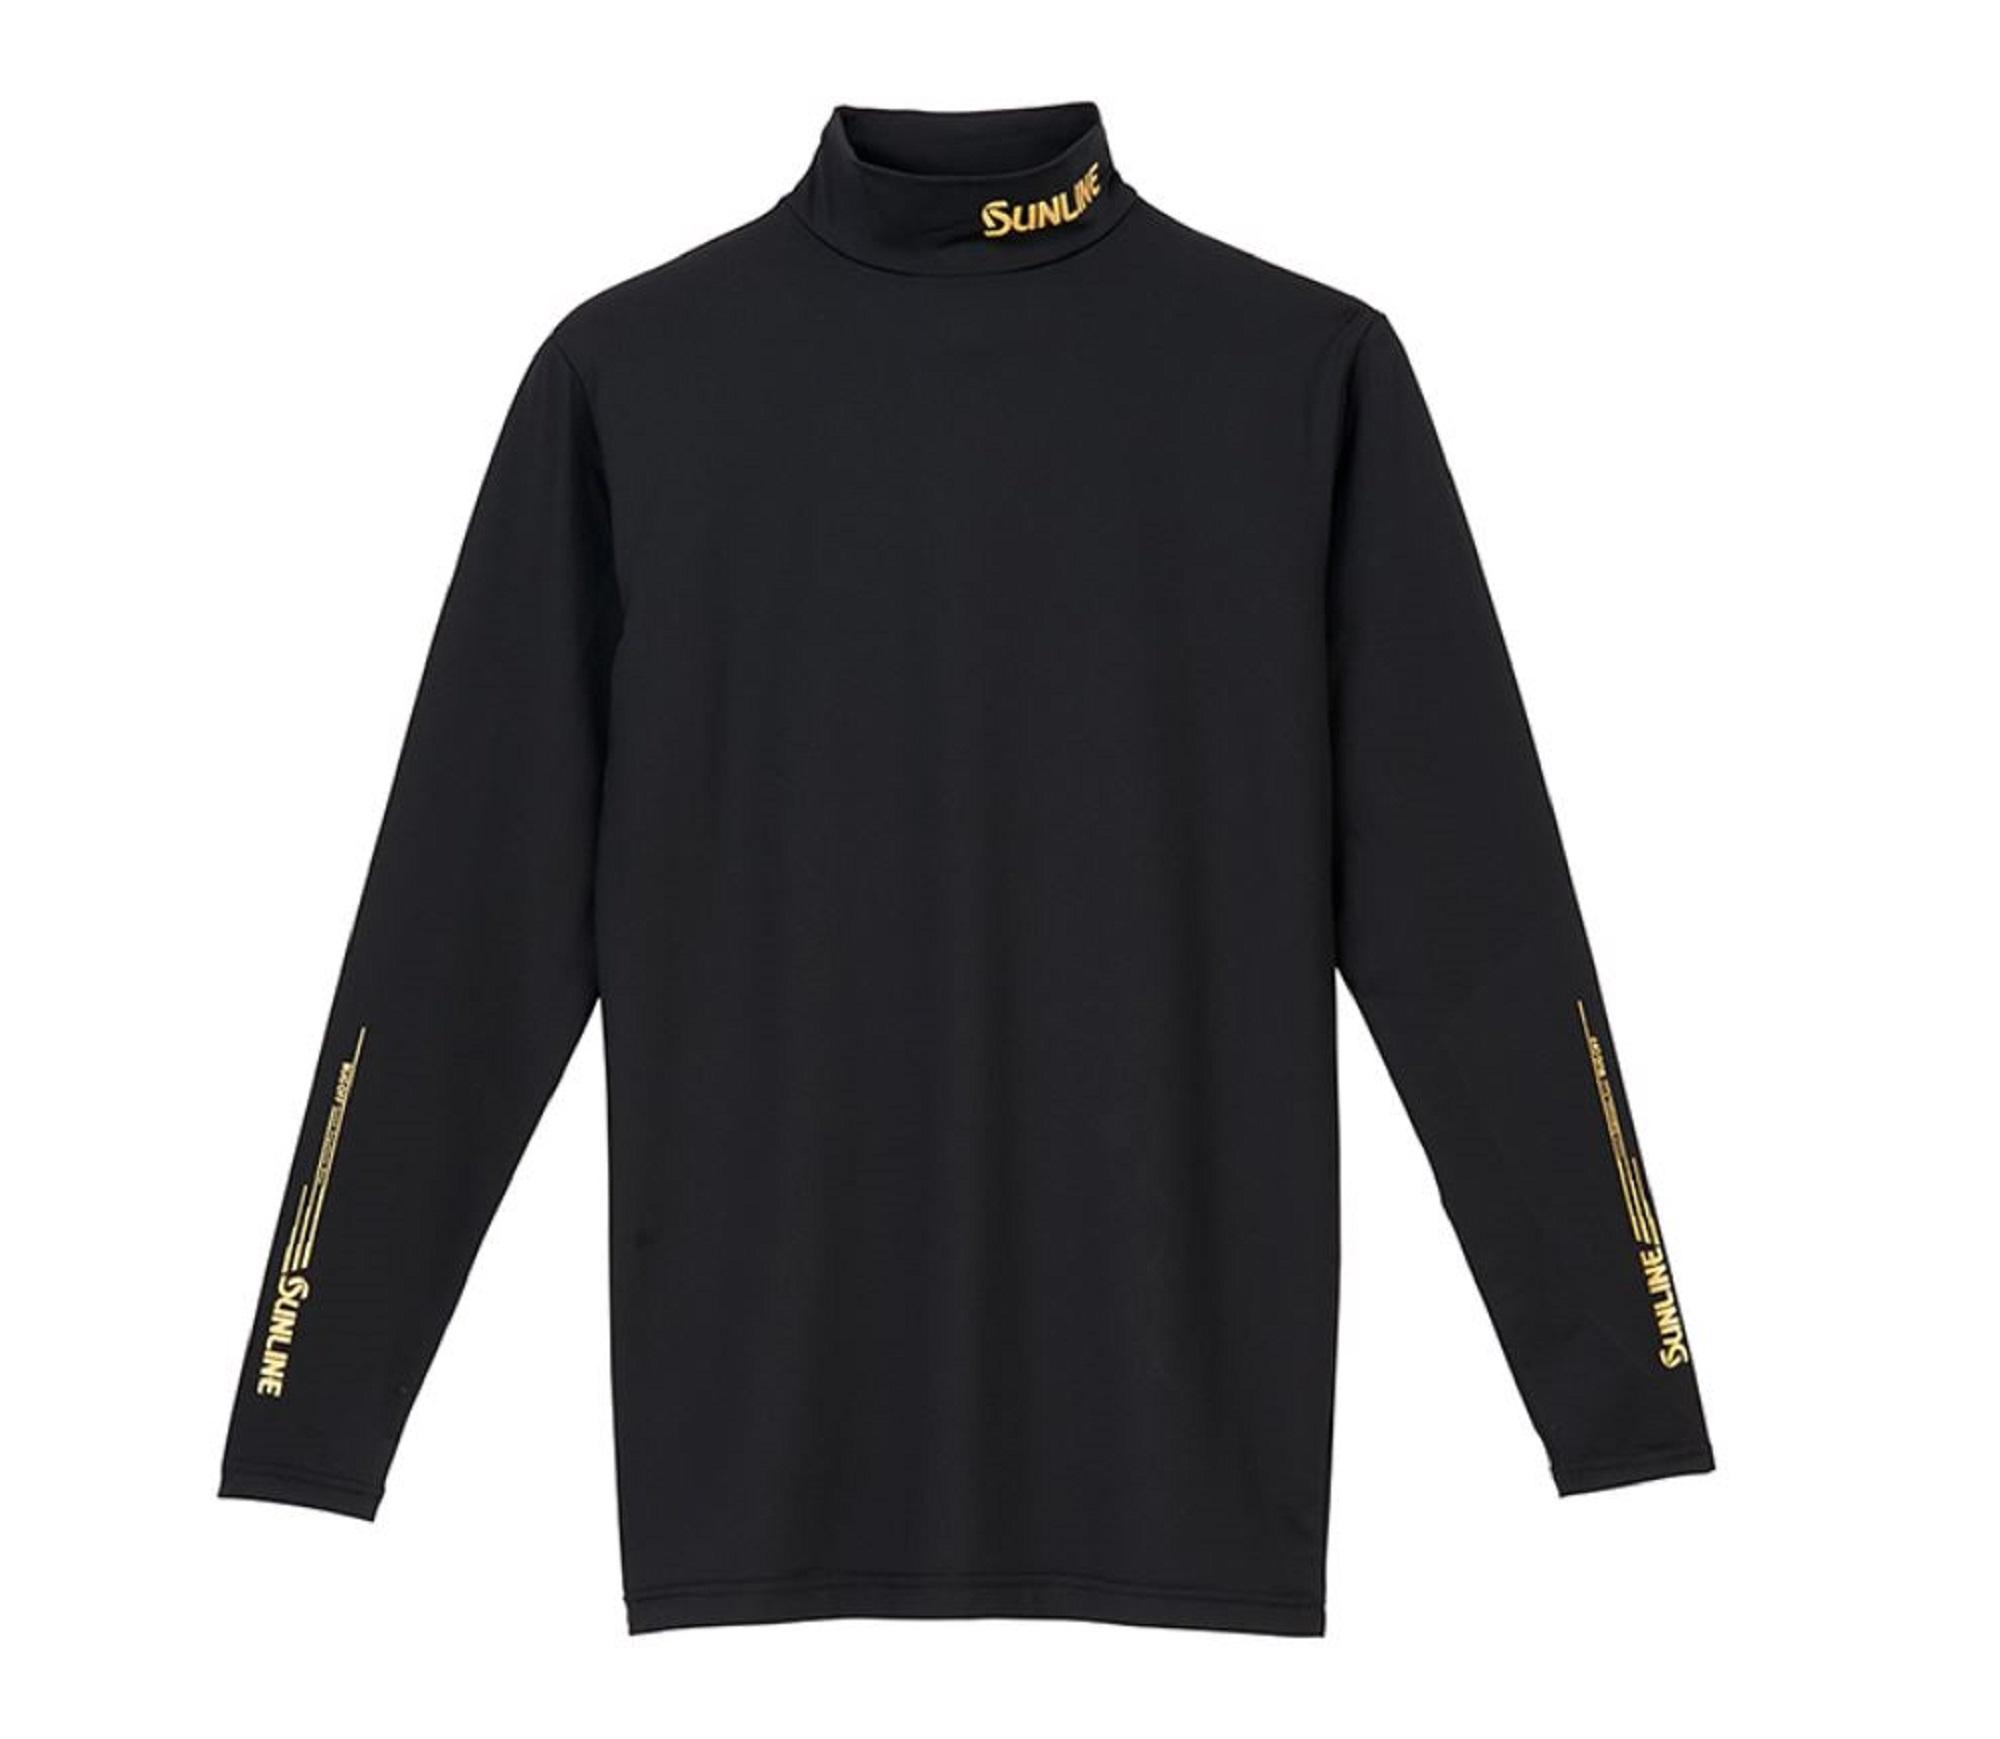 Sunline SUW-05505CW Undershirt Terax Cool Black Size L (2487)